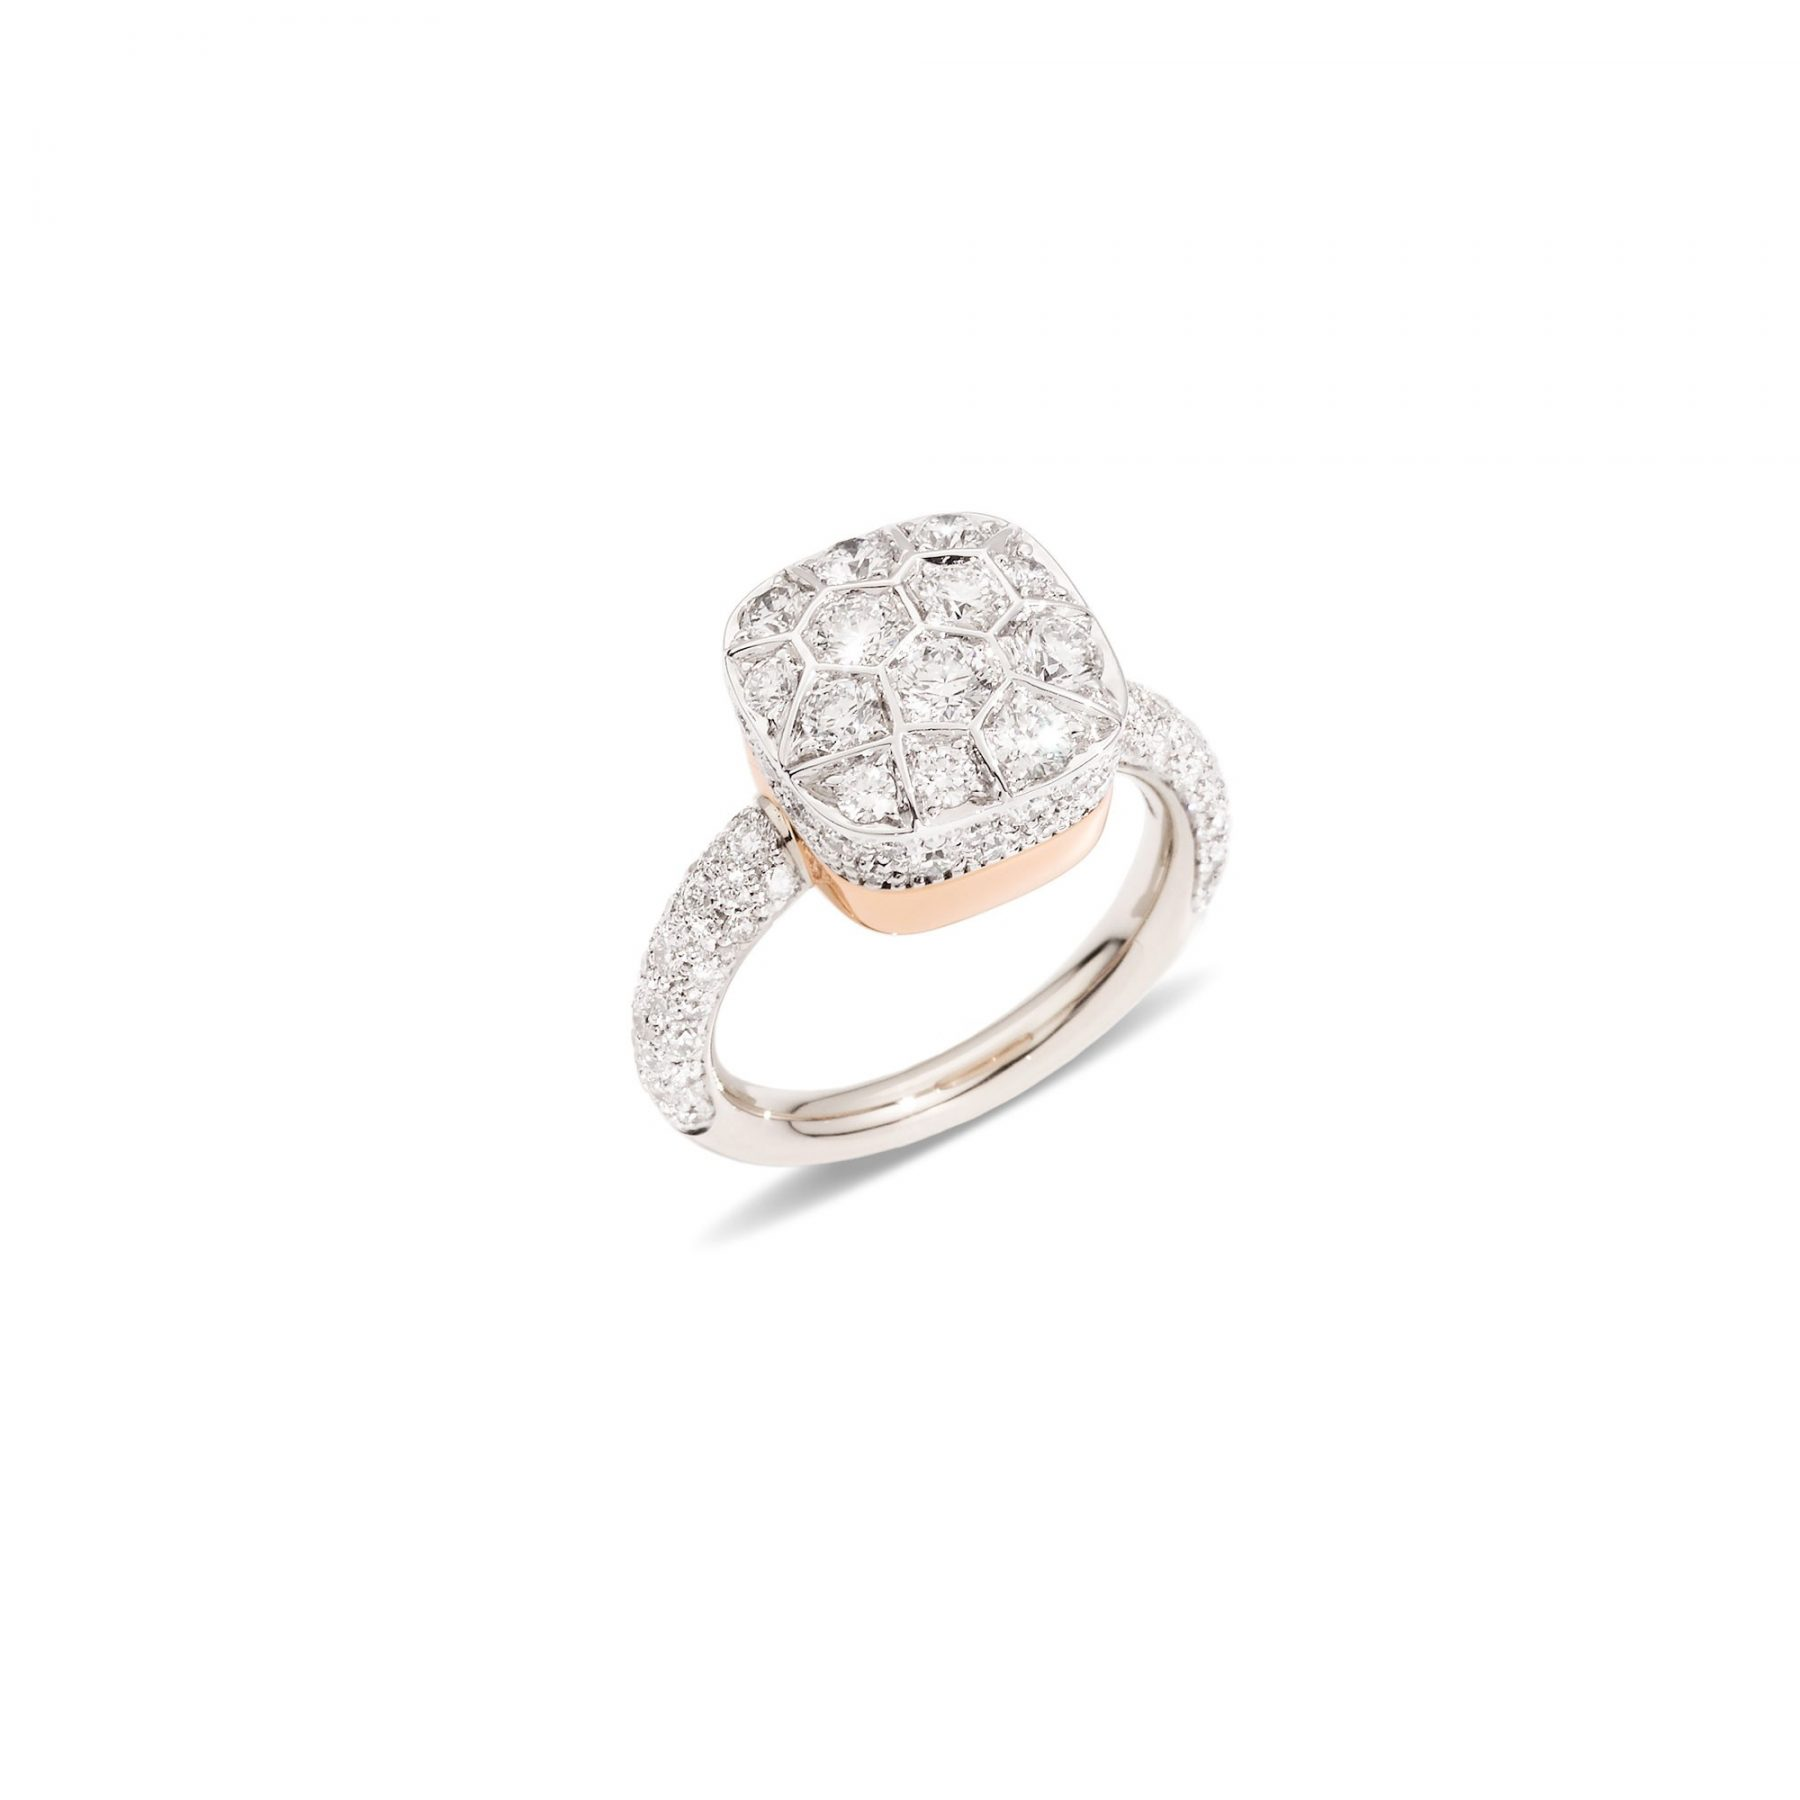 Ring Nudo Solitaire - Pomellato - A.B704GO6/B9